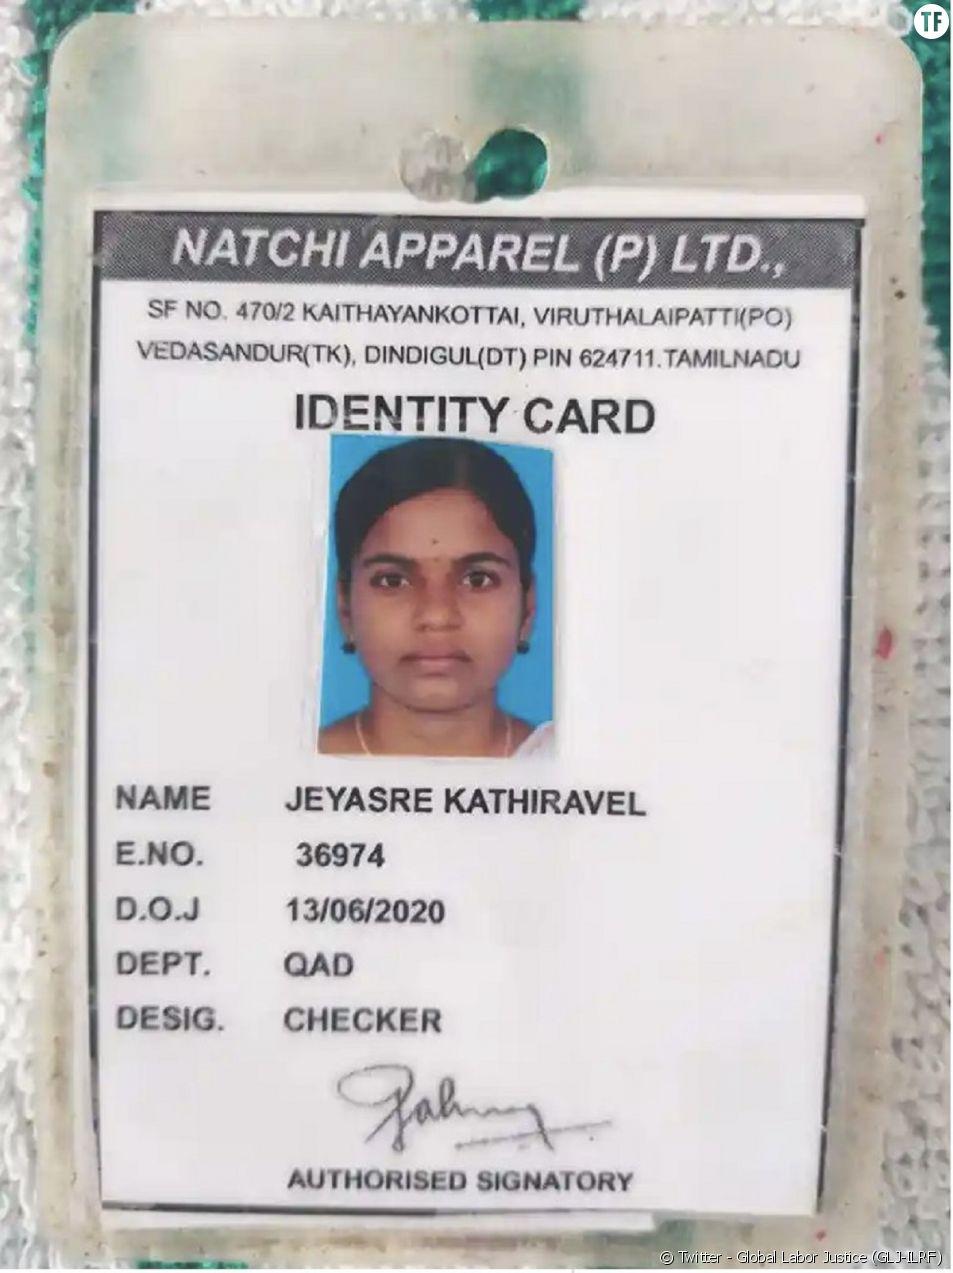 Le meurtre de la jeune ouvrière Jeyasre Kathiravel suscite le scandale en Inde.